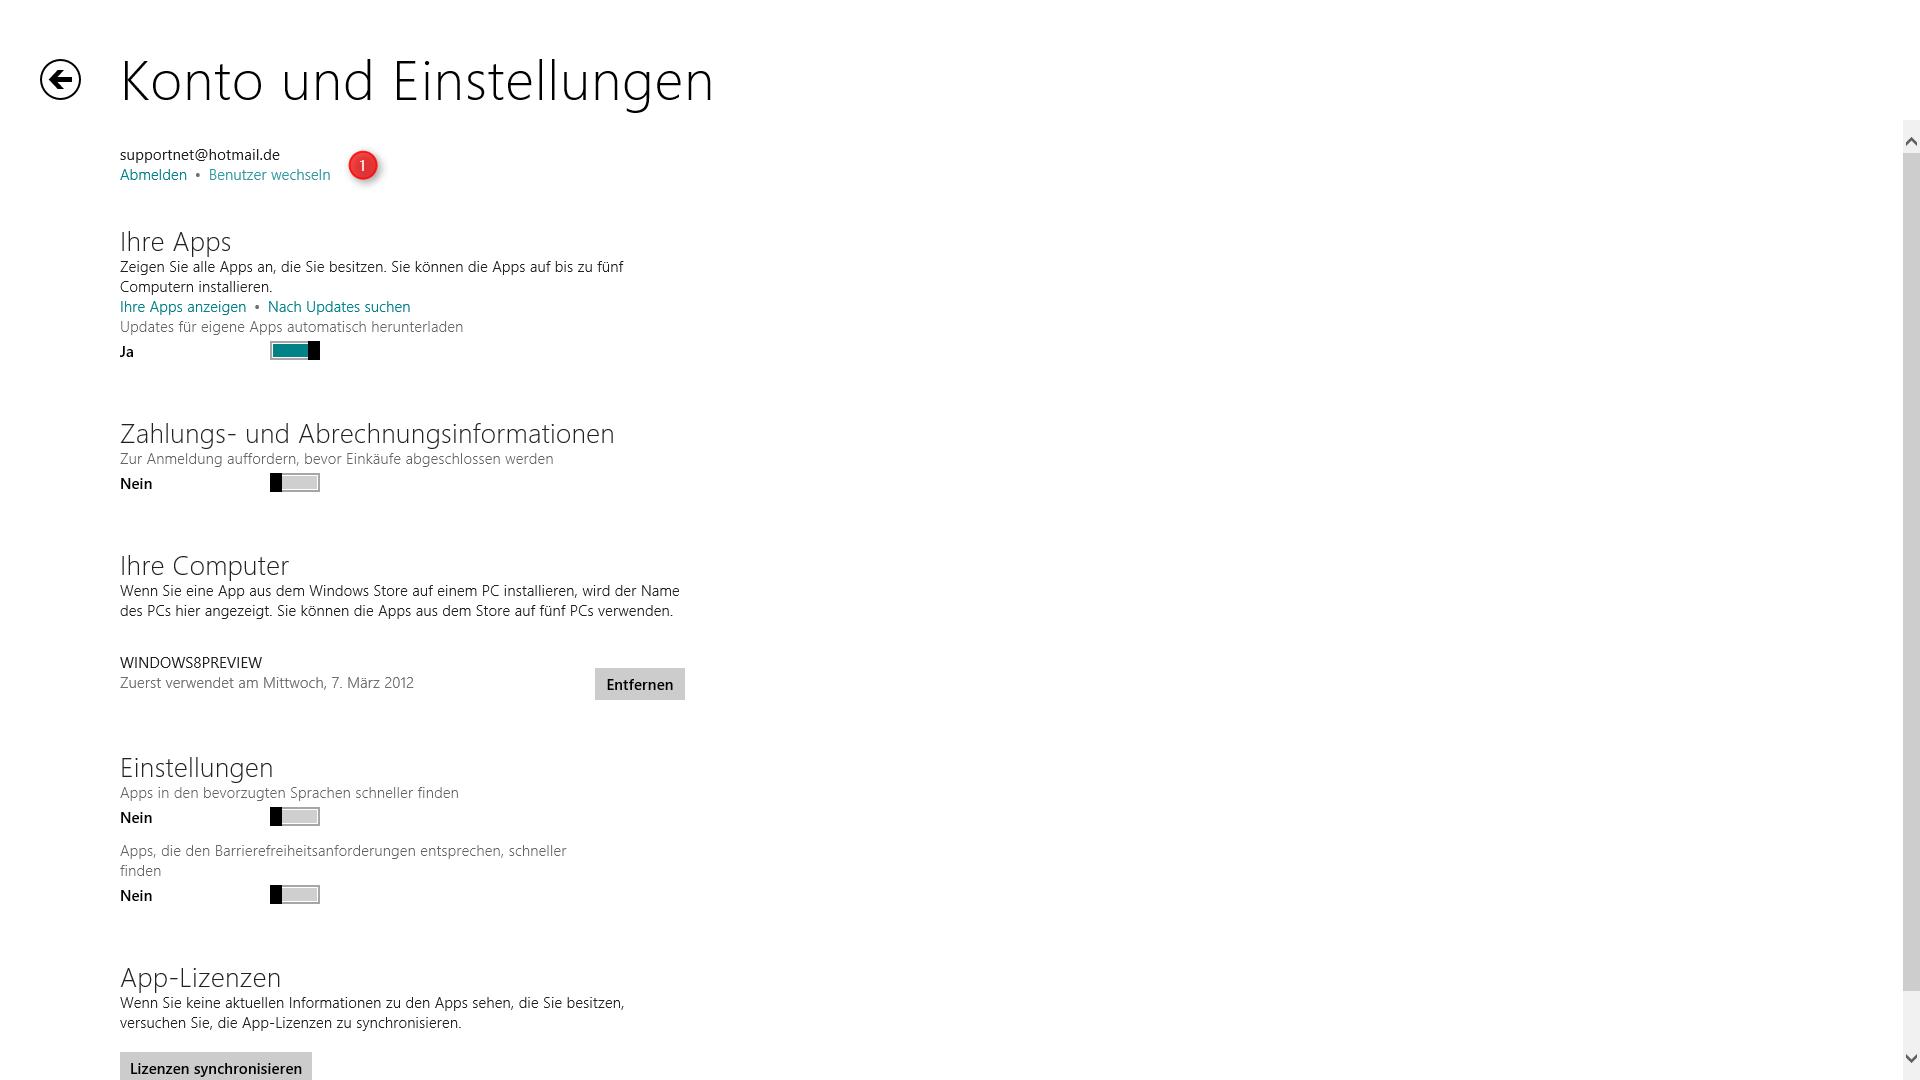 03-apps-ueber-den-neuen-microsoft-store-von-windows-8-beziehen-konten-470.png?nocache=1331119941100